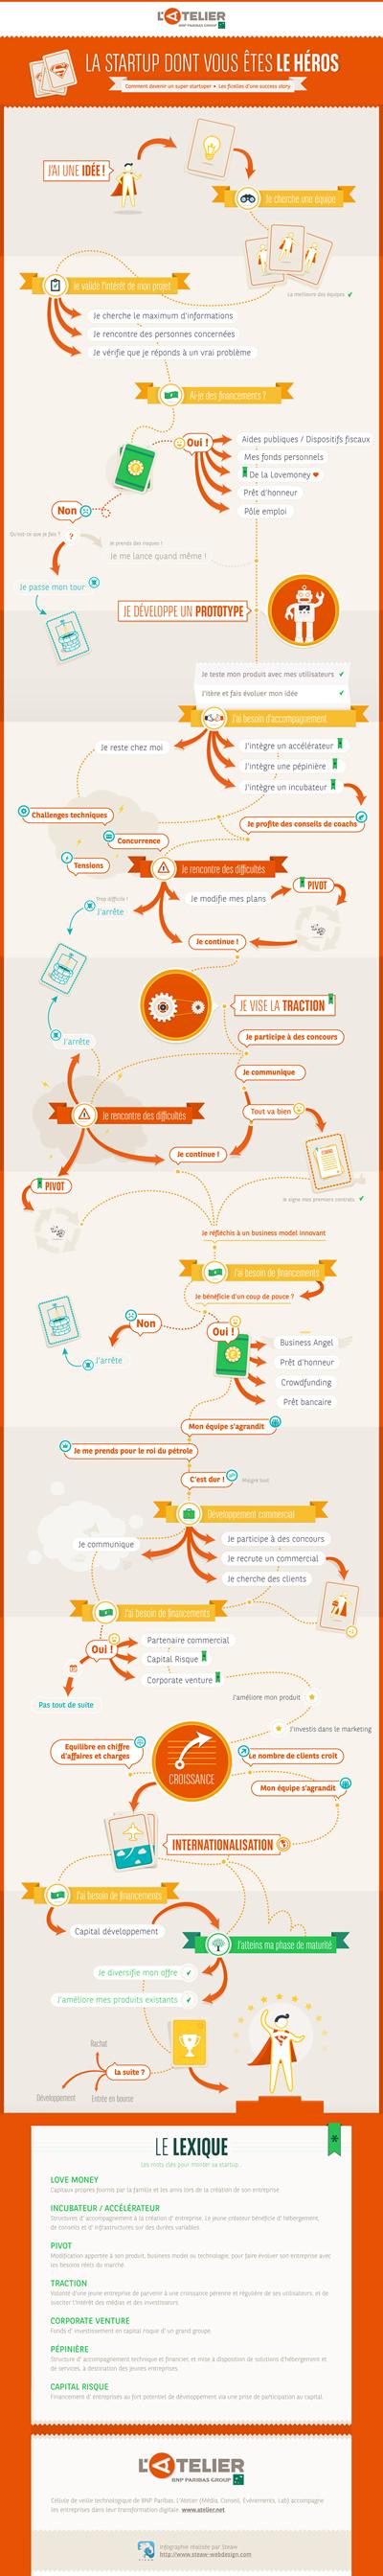 La startup dont vous êtes le héros - infographie | Entreprendre | Entrepreneurs - TPE - PME | Scoop.it